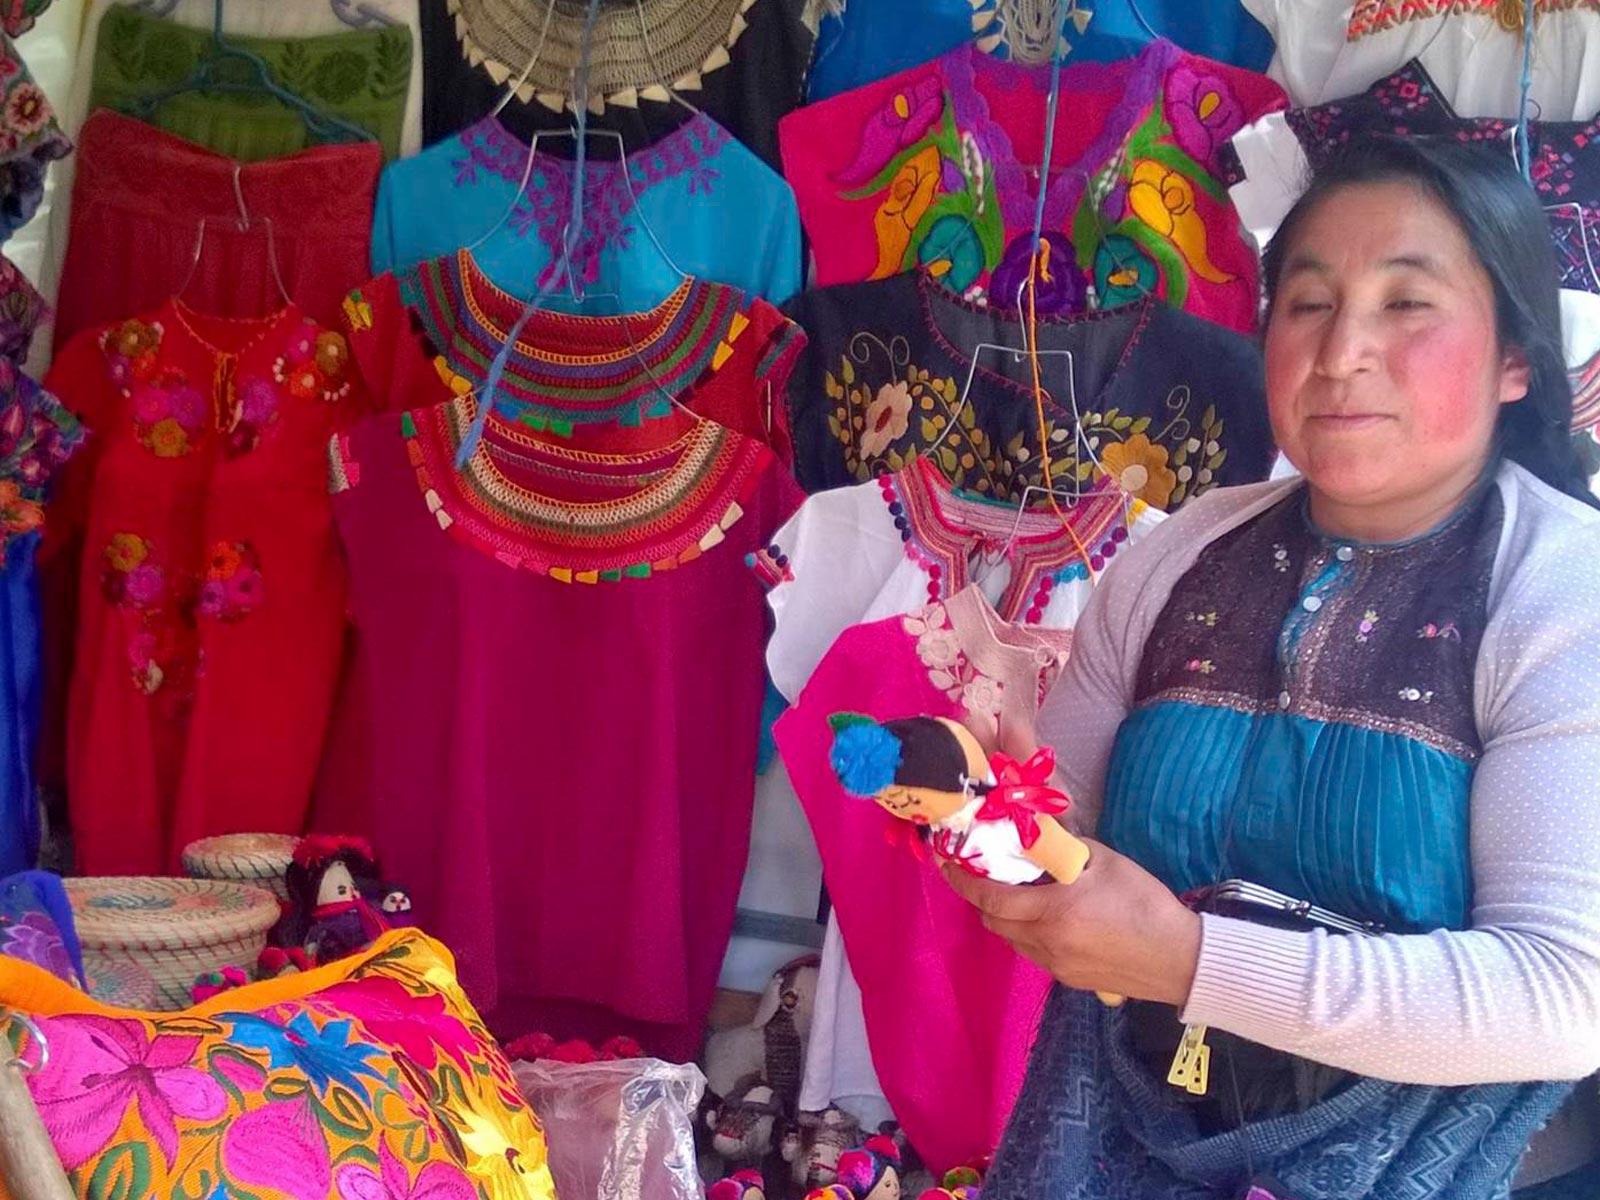 Messico-mexico-negozio-negocio-tradizione-indio